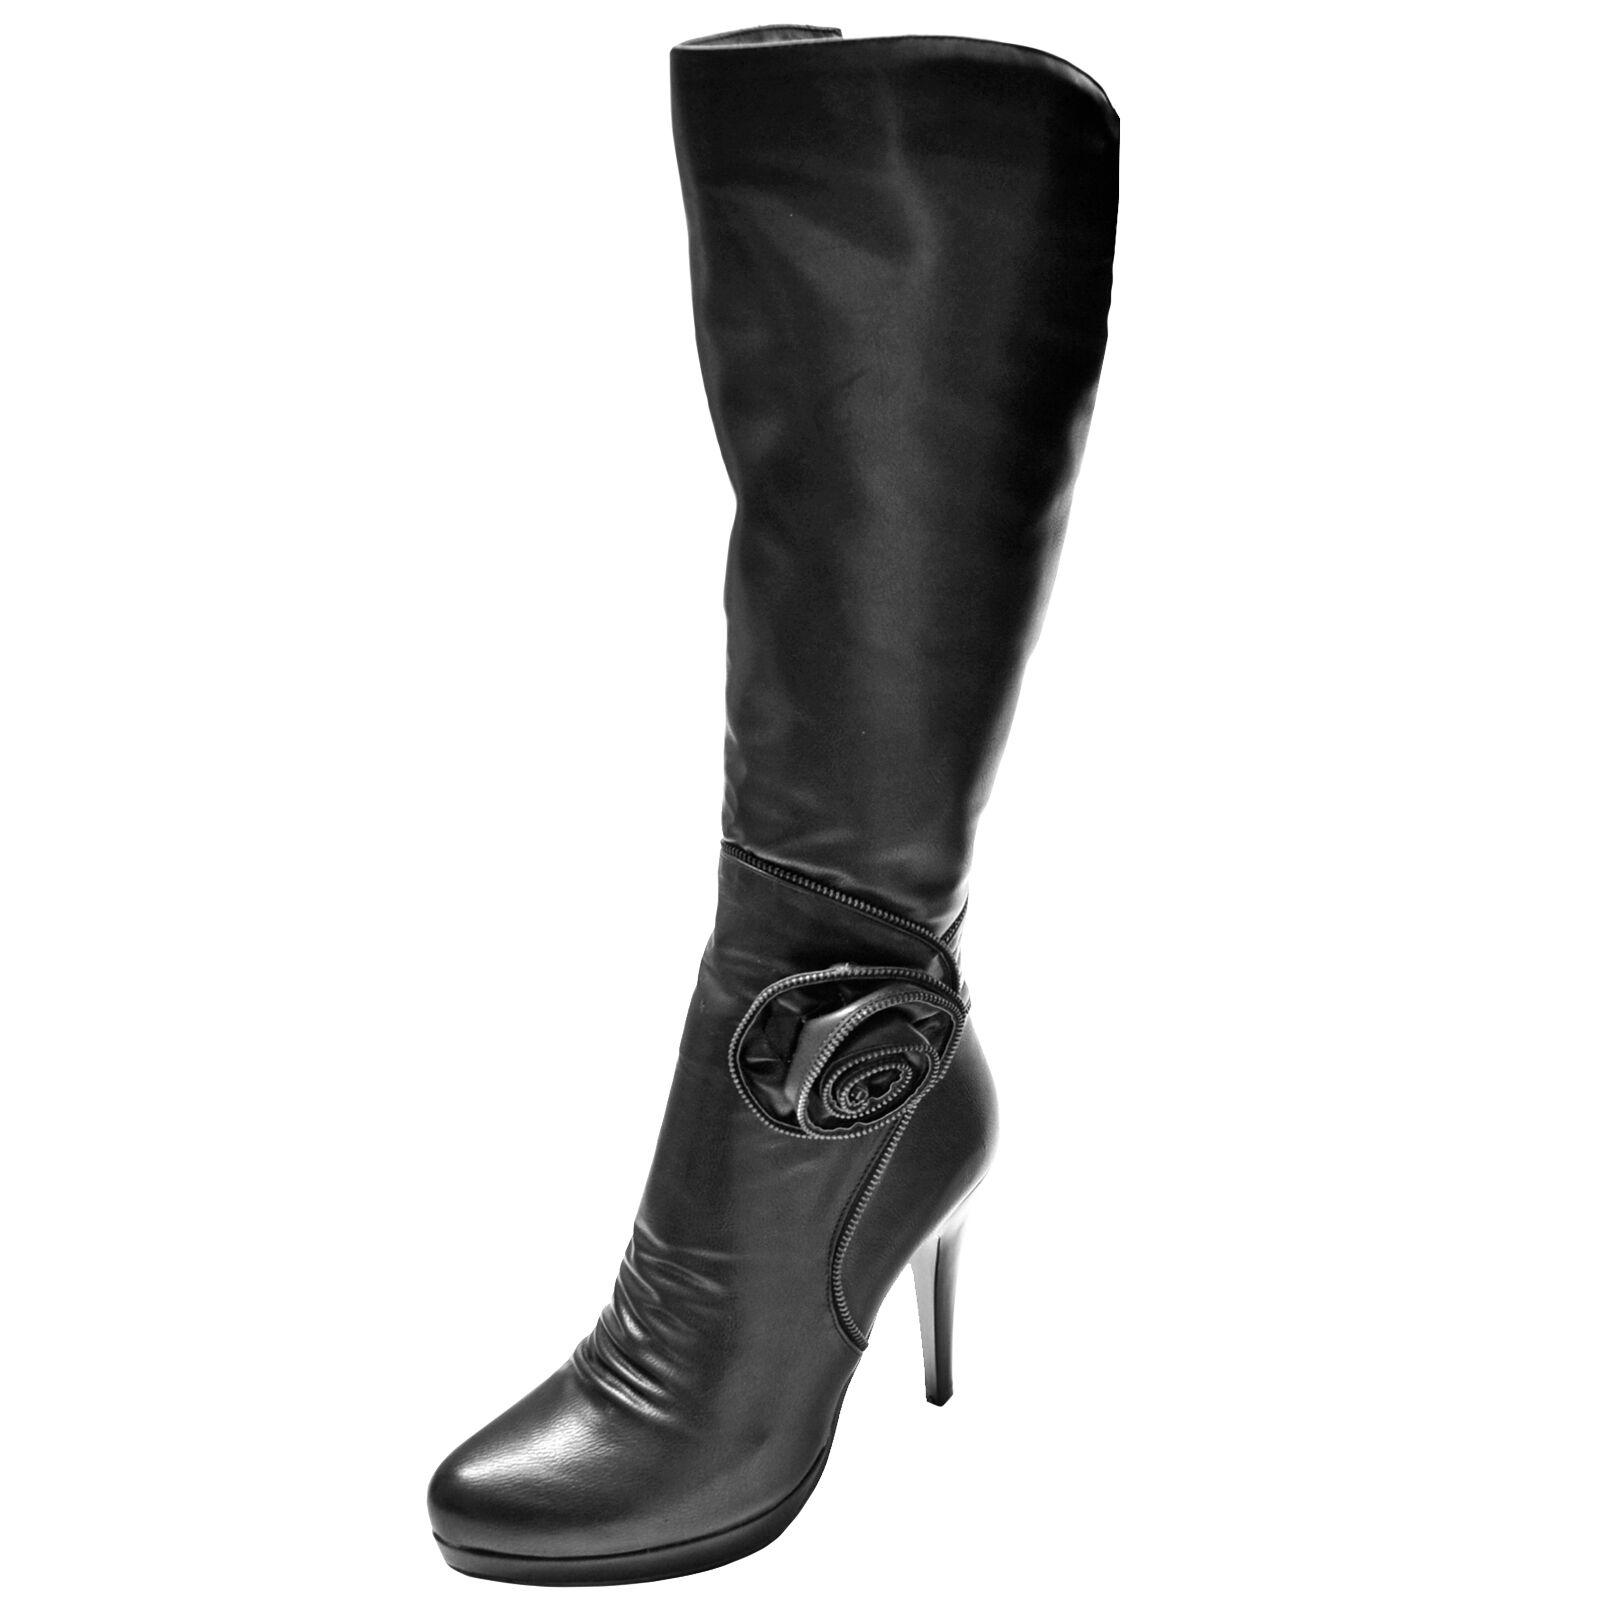 Nuevo para mujer zapatos de moda de la rodilla De Taco Alto botas Alta Eje cremallera Negro Invierno